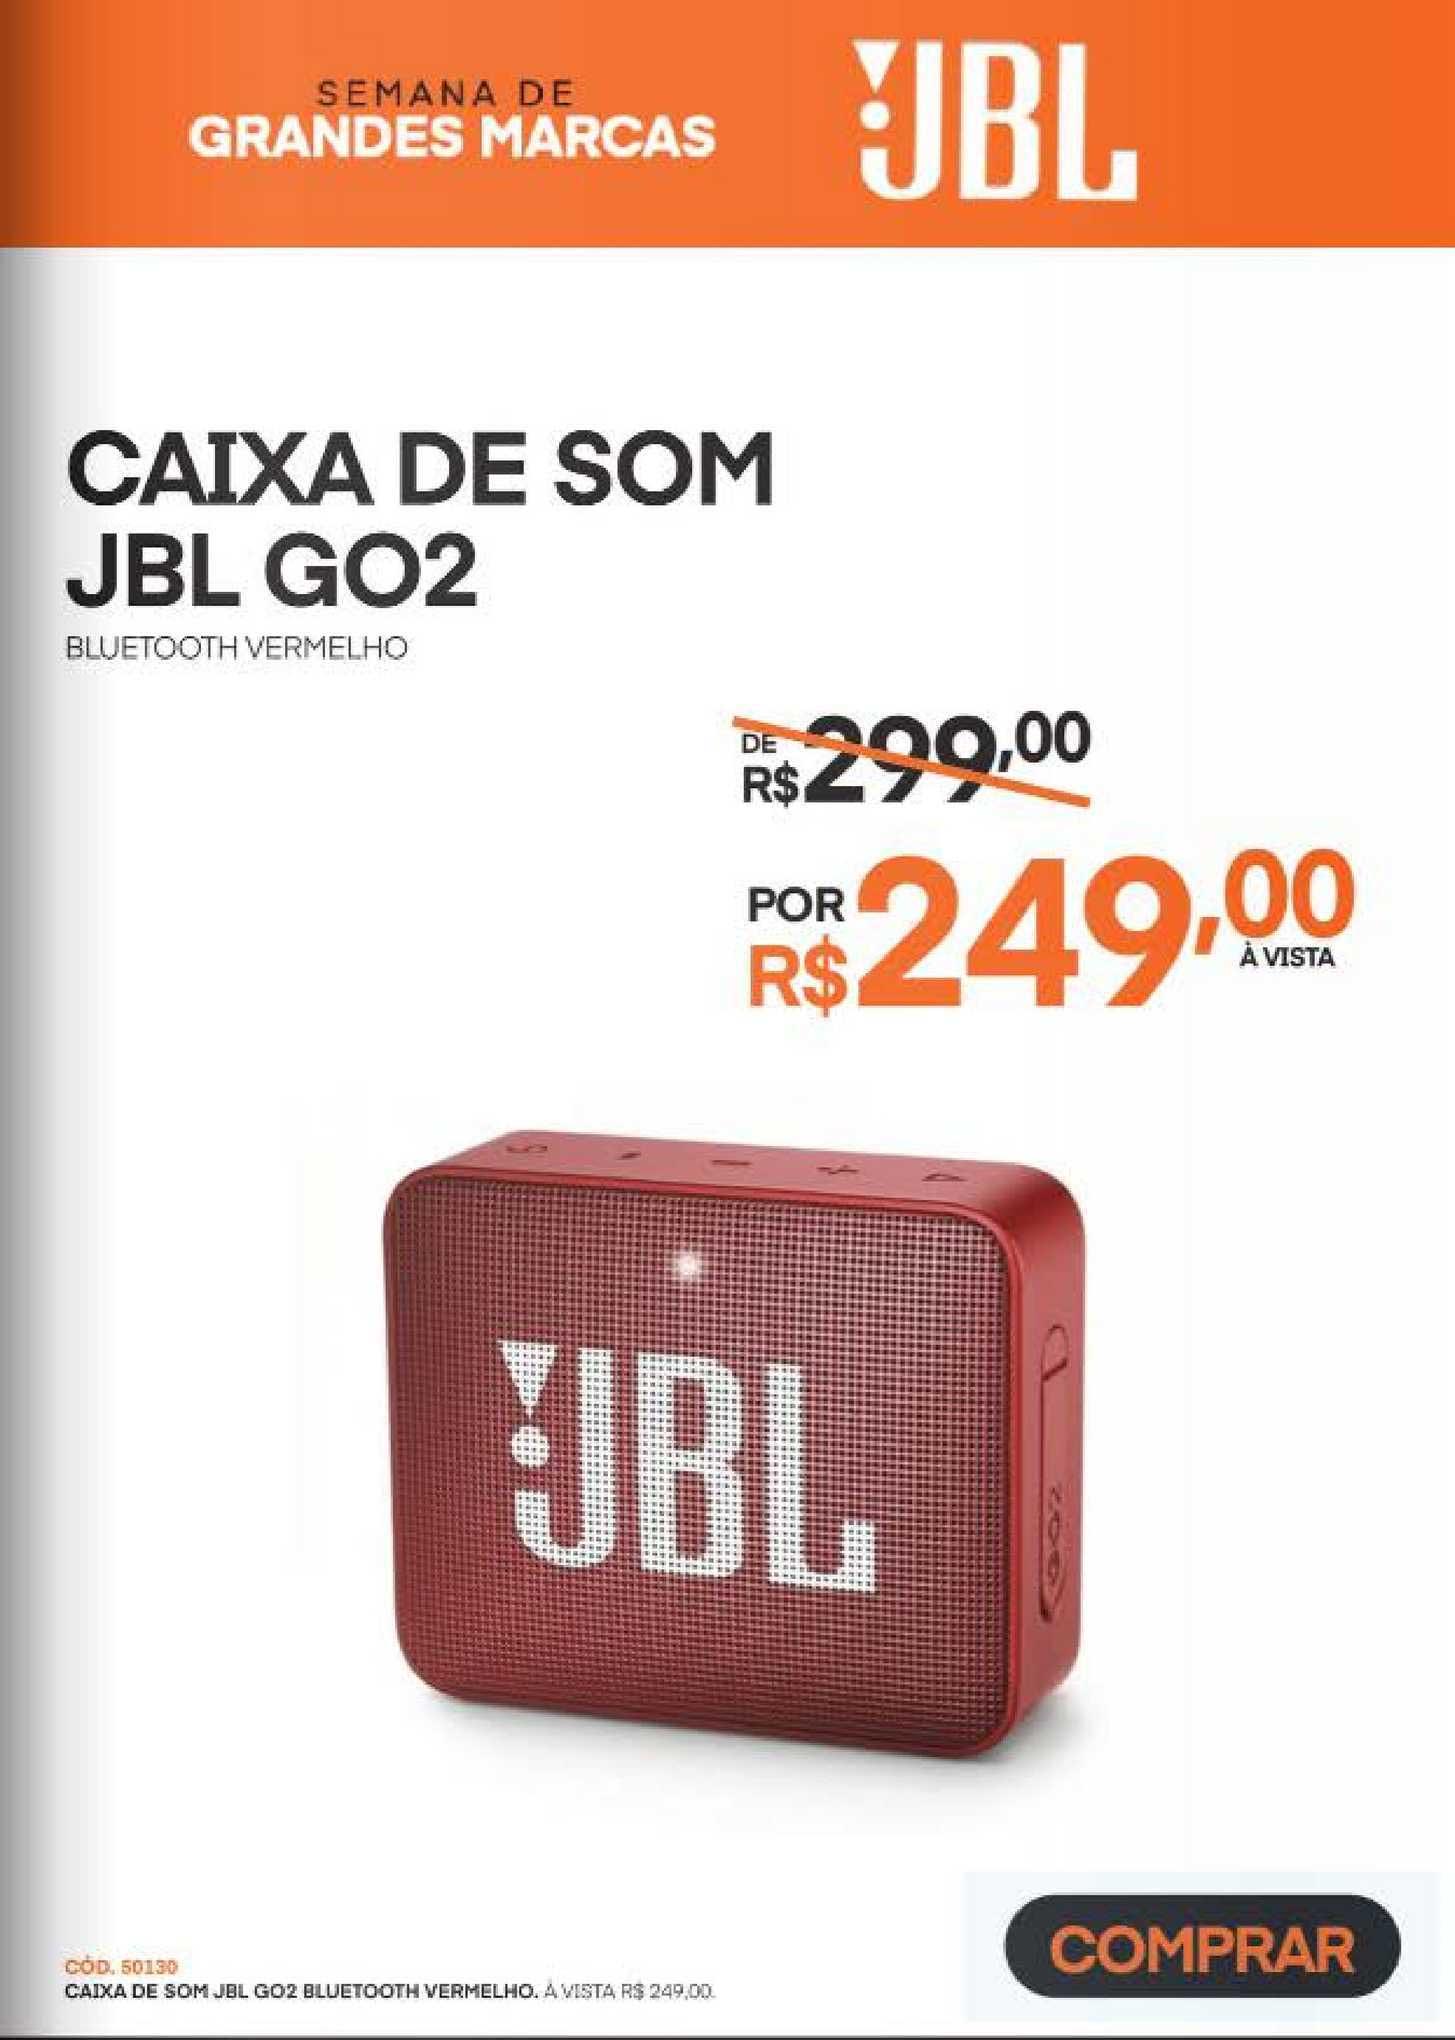 Schumann Caixa De Som Jbl Go2 Bluetooth Vermelho